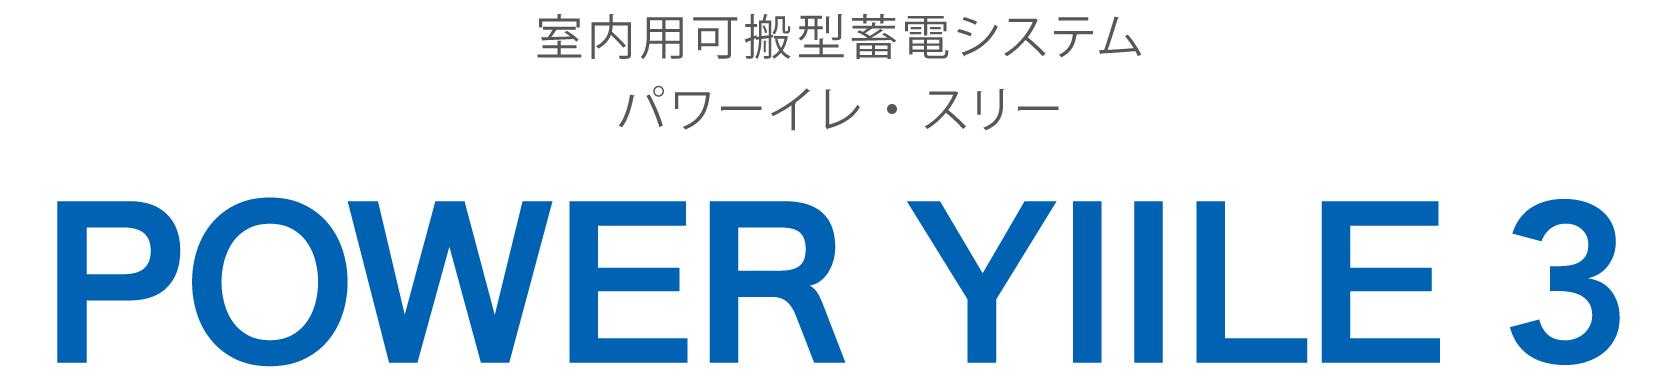 パワーイレ・スリー正規製品ロゴ